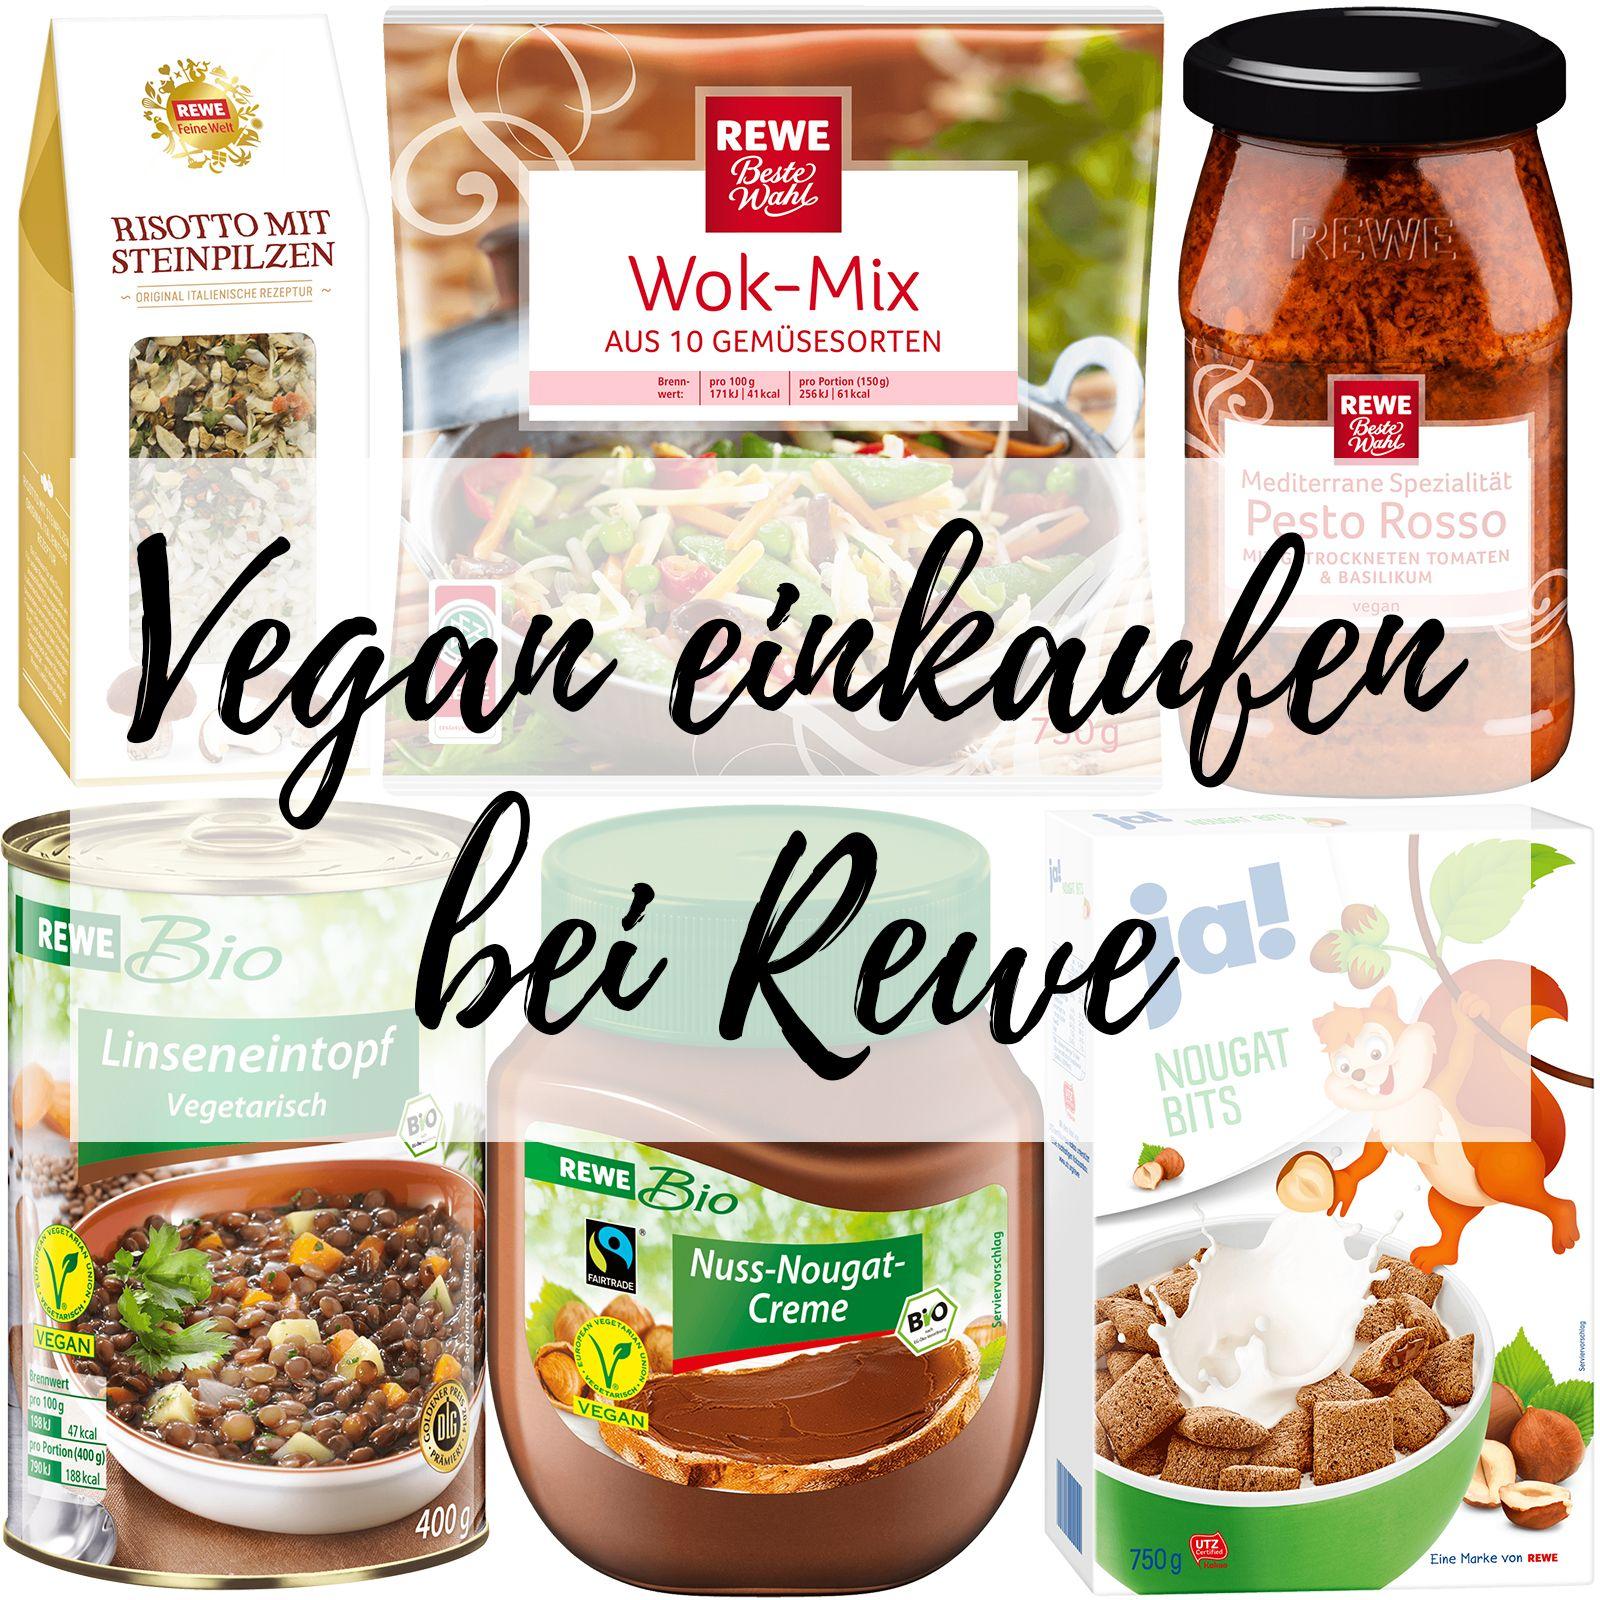 Vegan Einkaufen Bei Rewe In 2020 Vegan Einkaufen Vegan Lebensmittel Essen